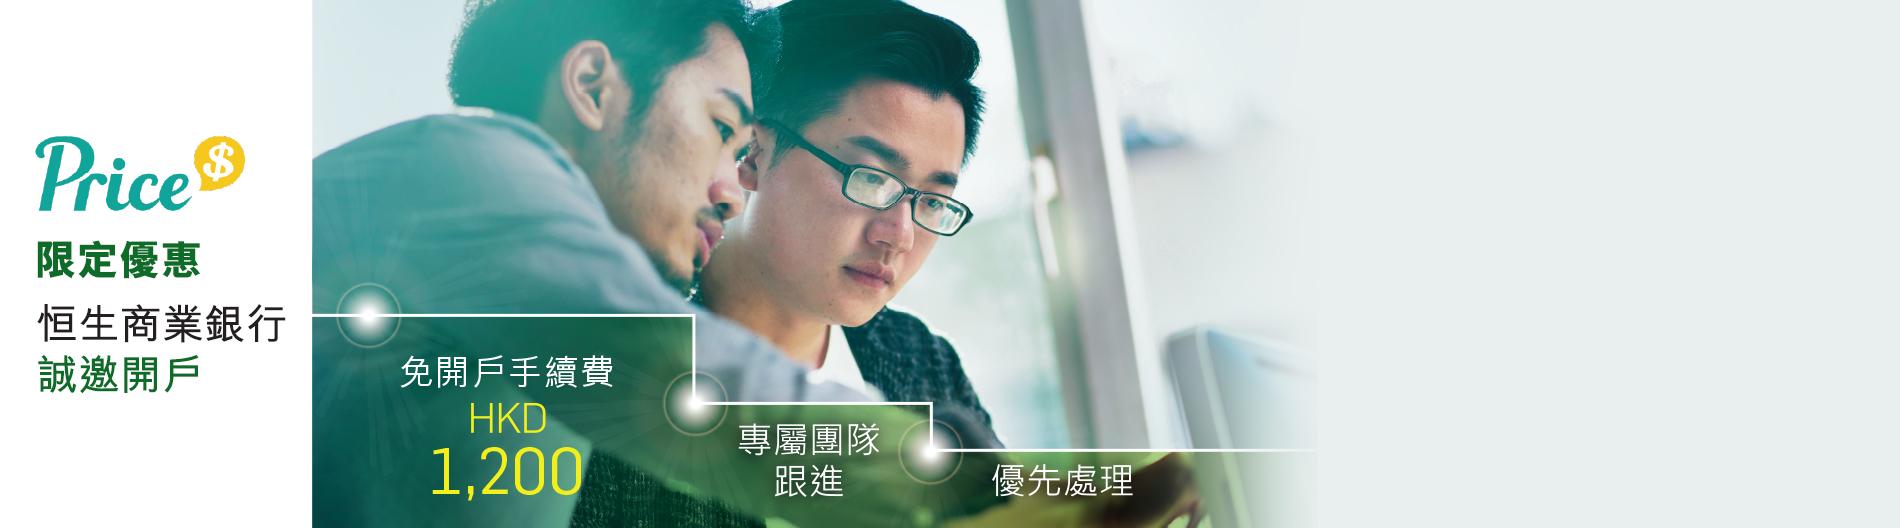 開立恒生「商業綜合戶口」享專屬優惠高達HKD12,800